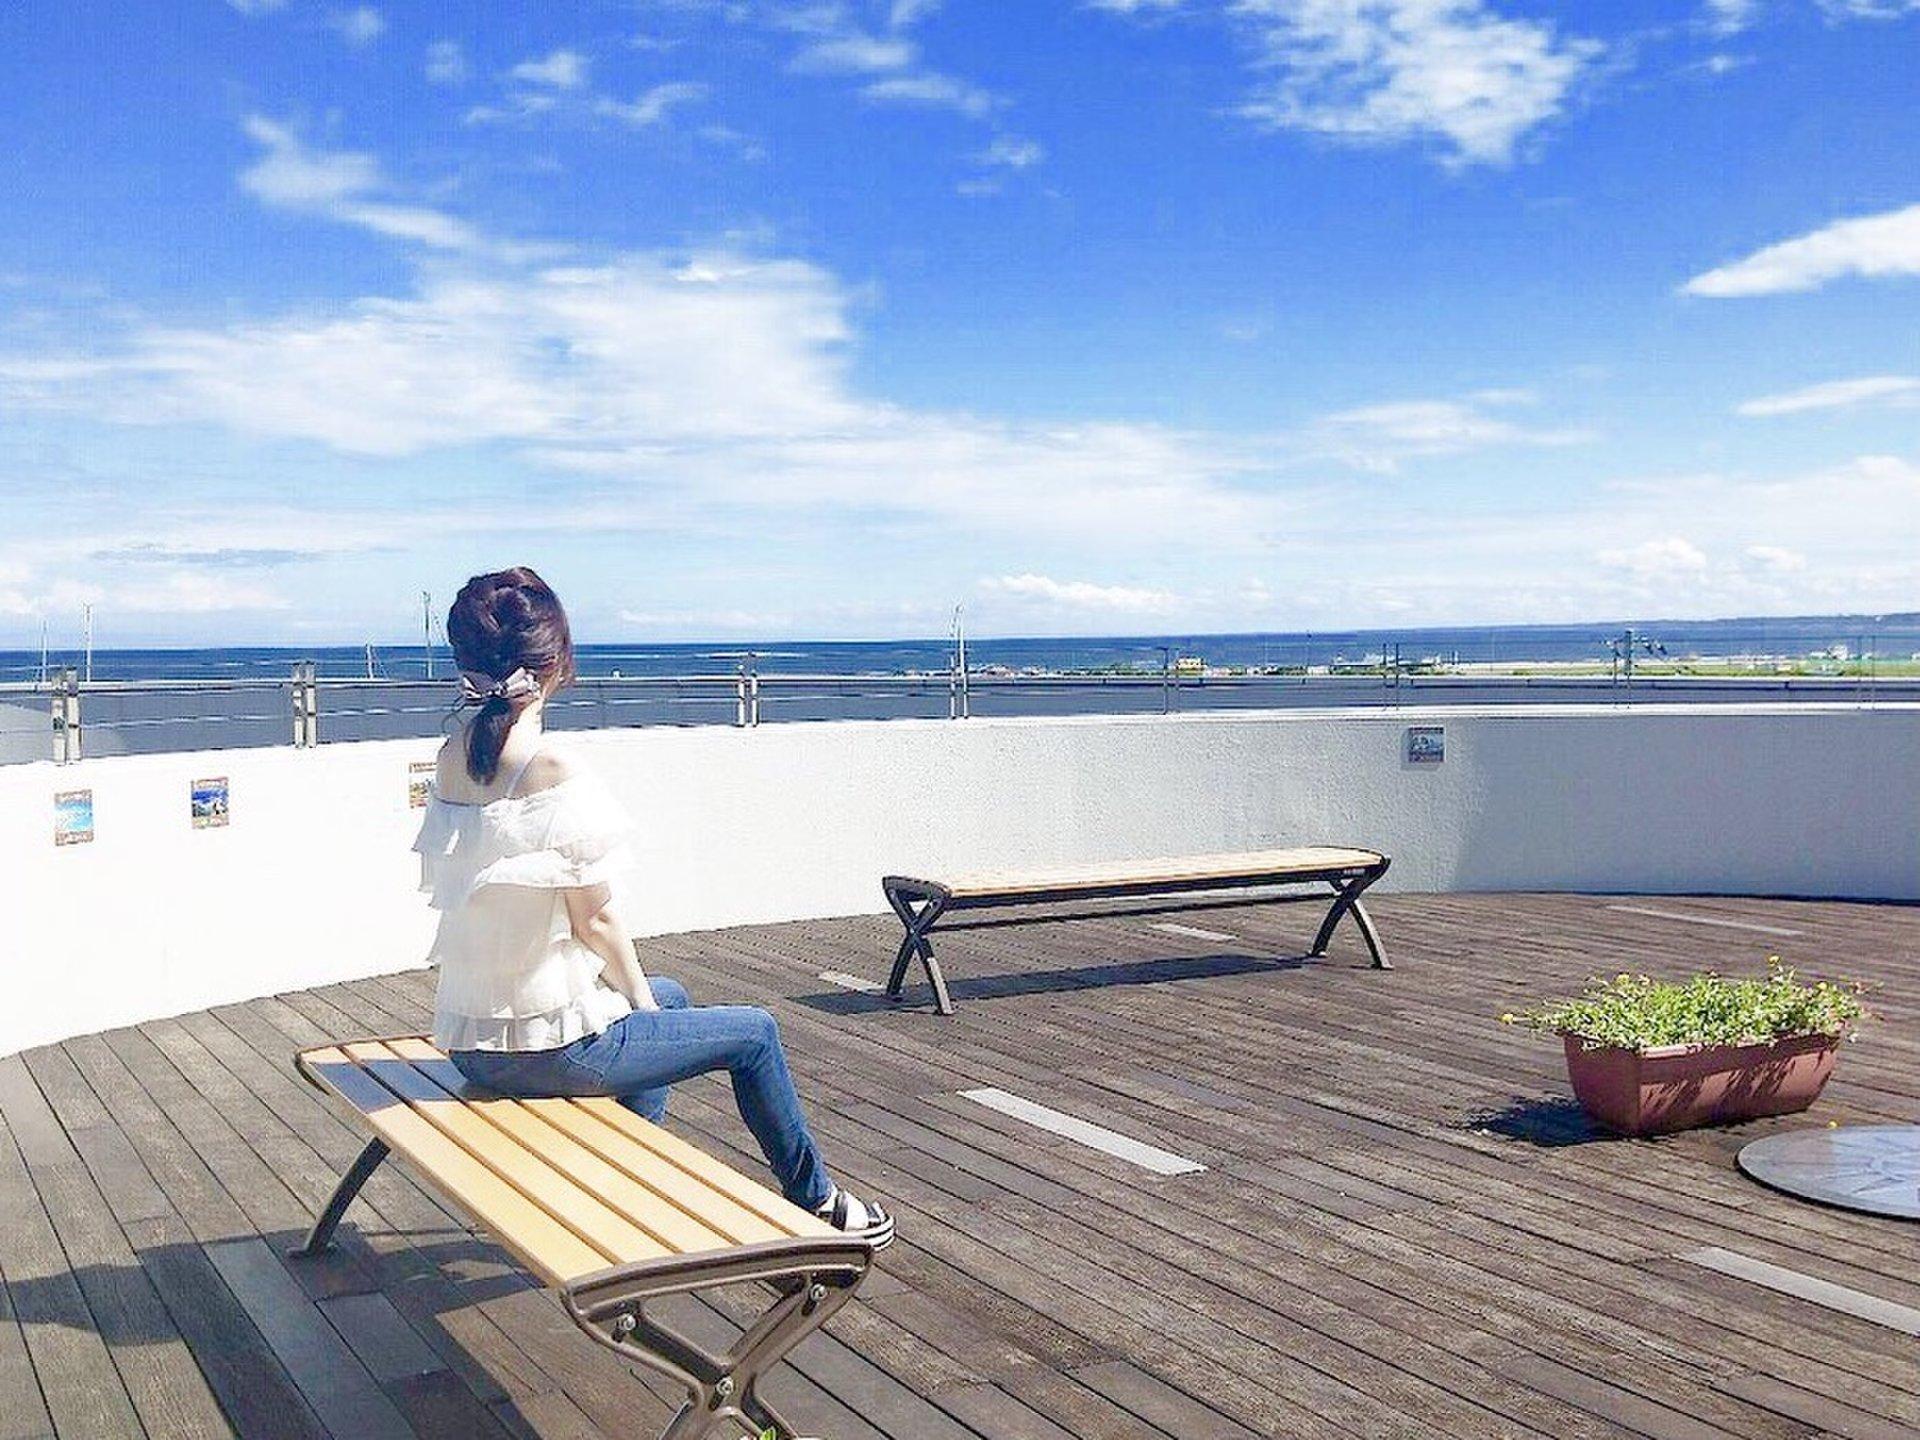 たったの380円で楽しむ家族の夏休み!お盆にも!海も見られる大洗〜勝田のおすすめお遊びスポットへ